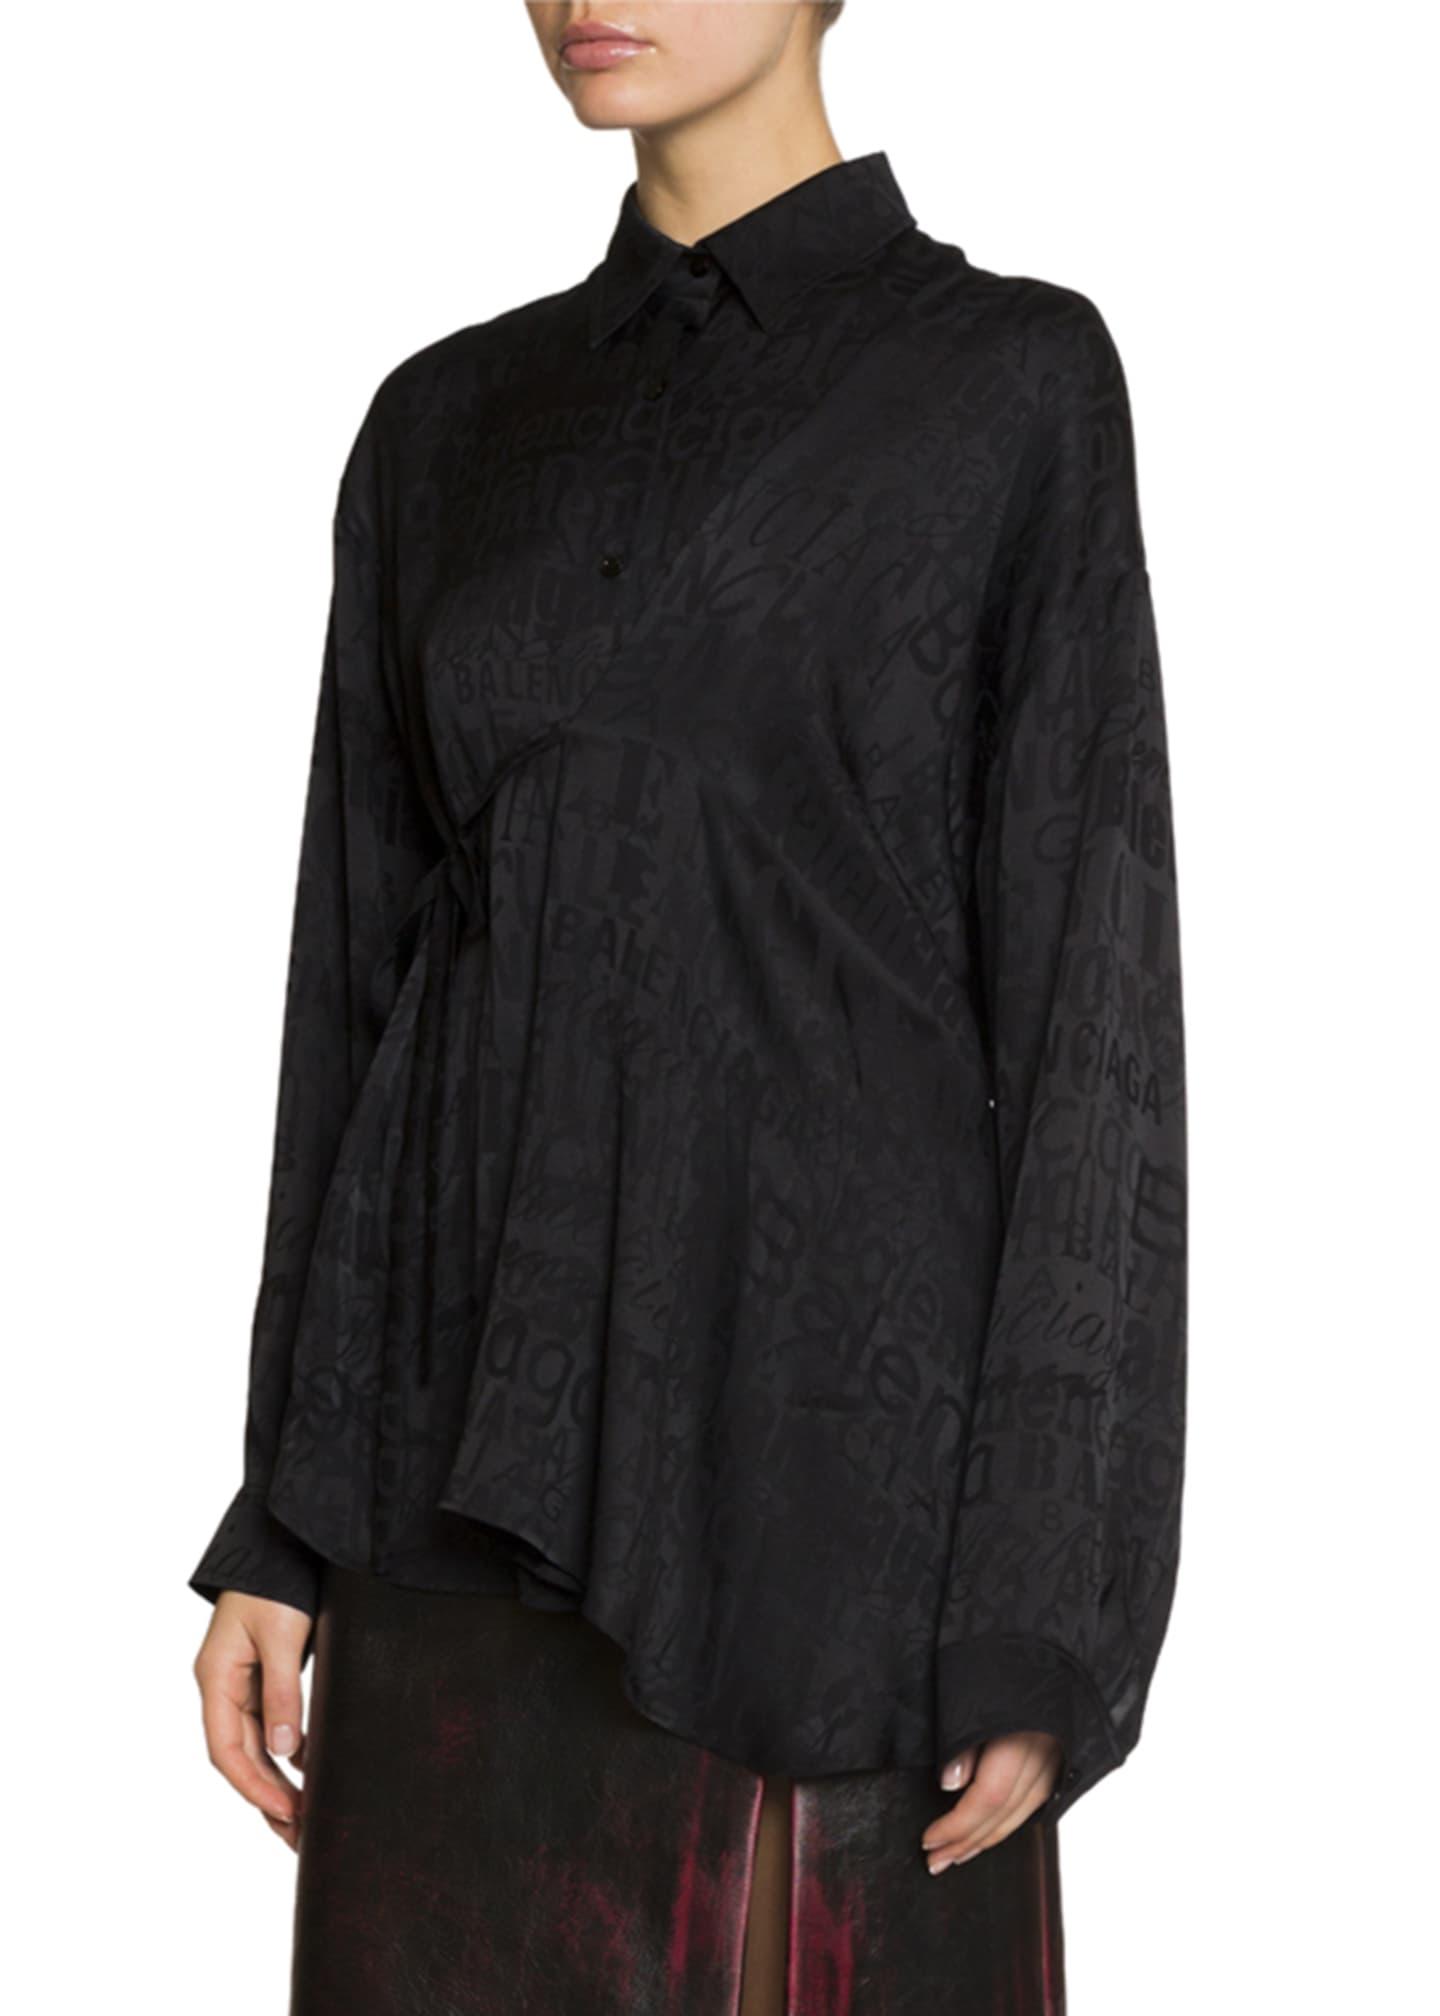 Balenciaga Jacquard Fluid Silk Button-Front Asymmetric Top